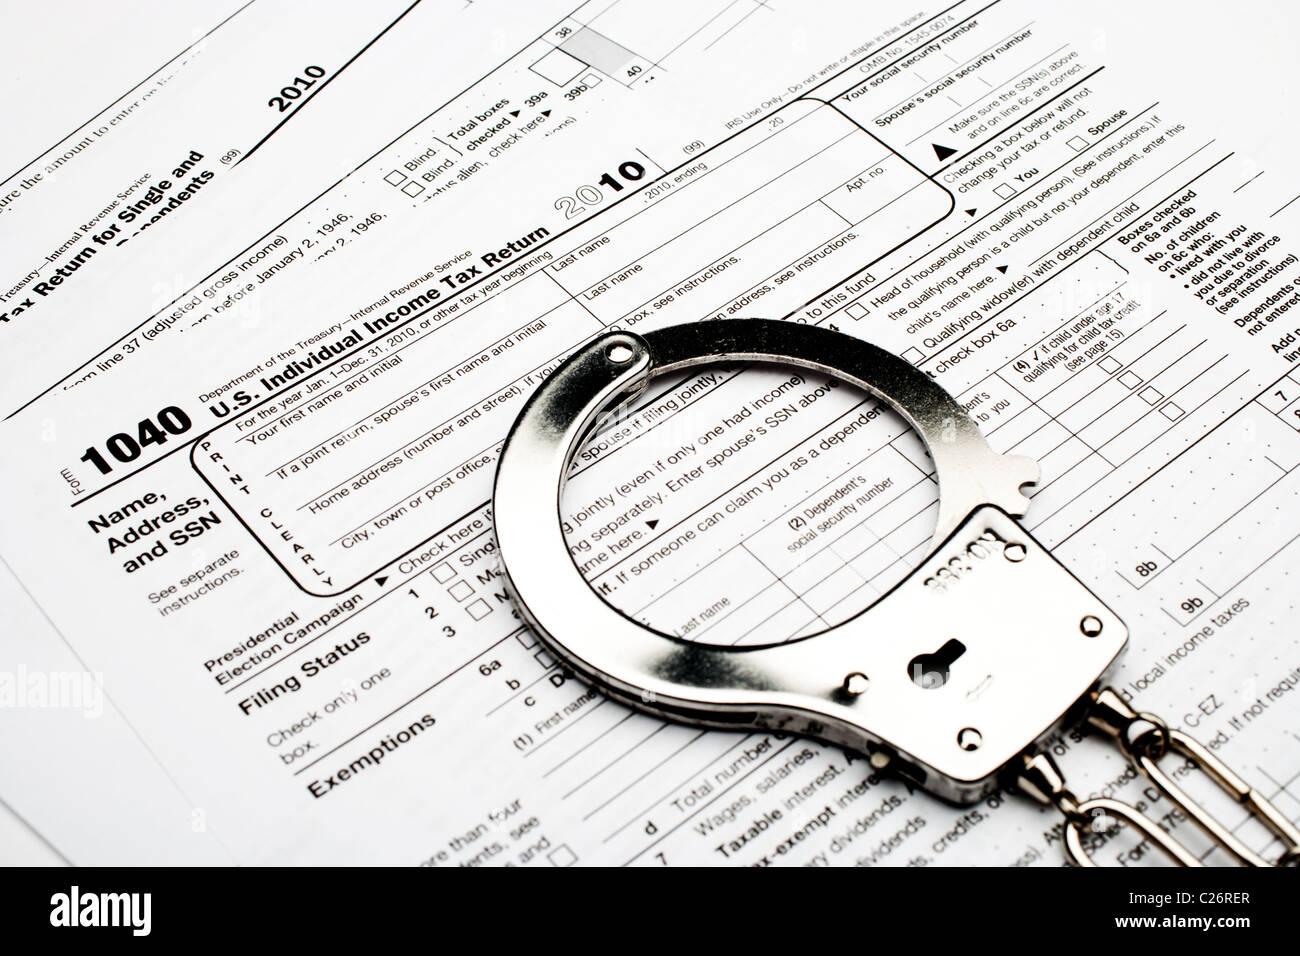 Las esposas de un Americano 1040 el impuesto sobre la renta formulario indicando el fraude fiscal o la evasión Imagen De Stock